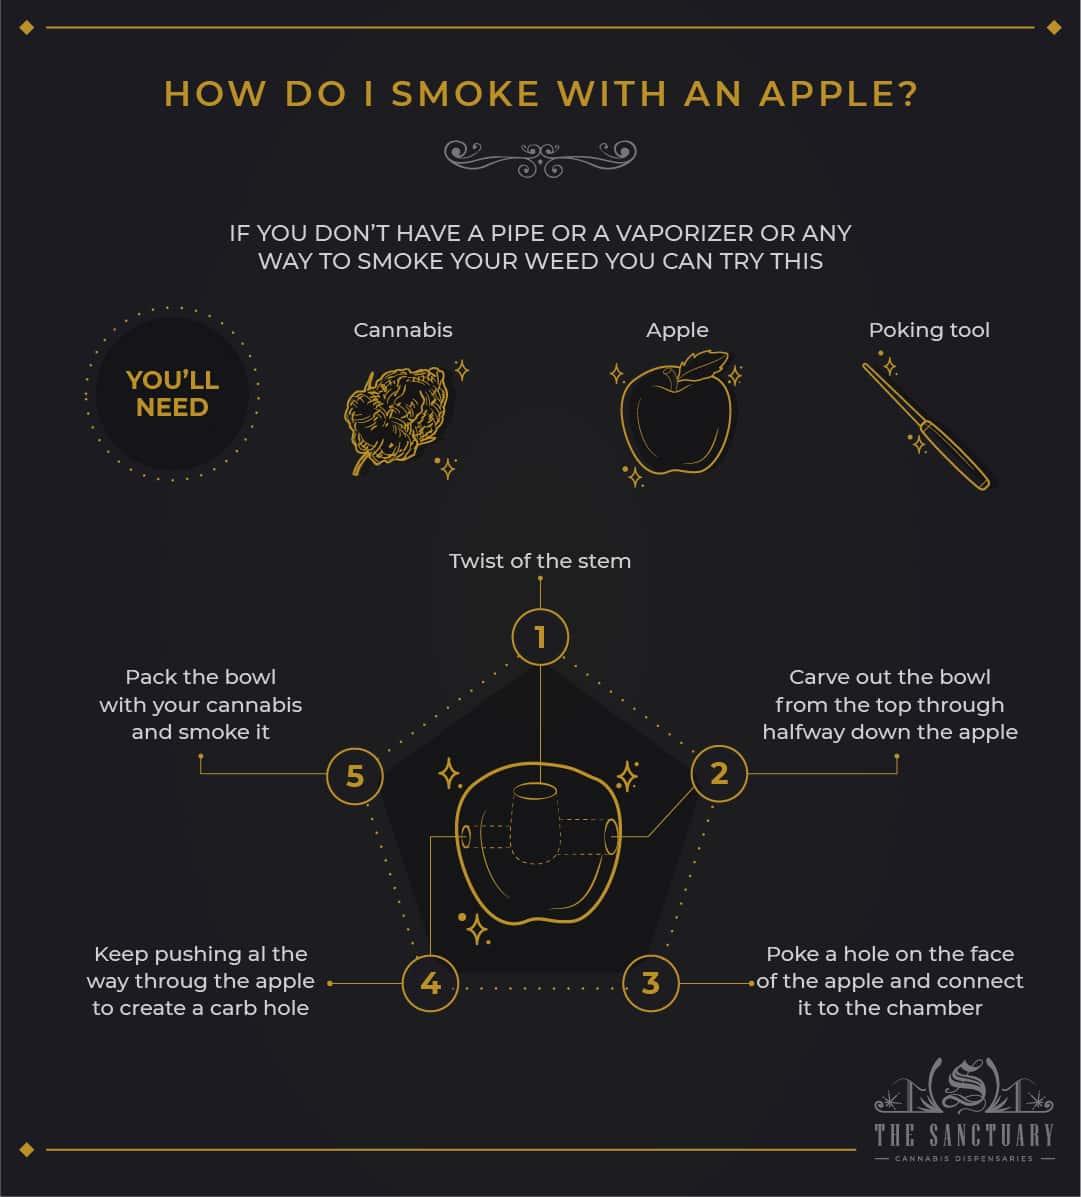 How do I smoke with an apple?